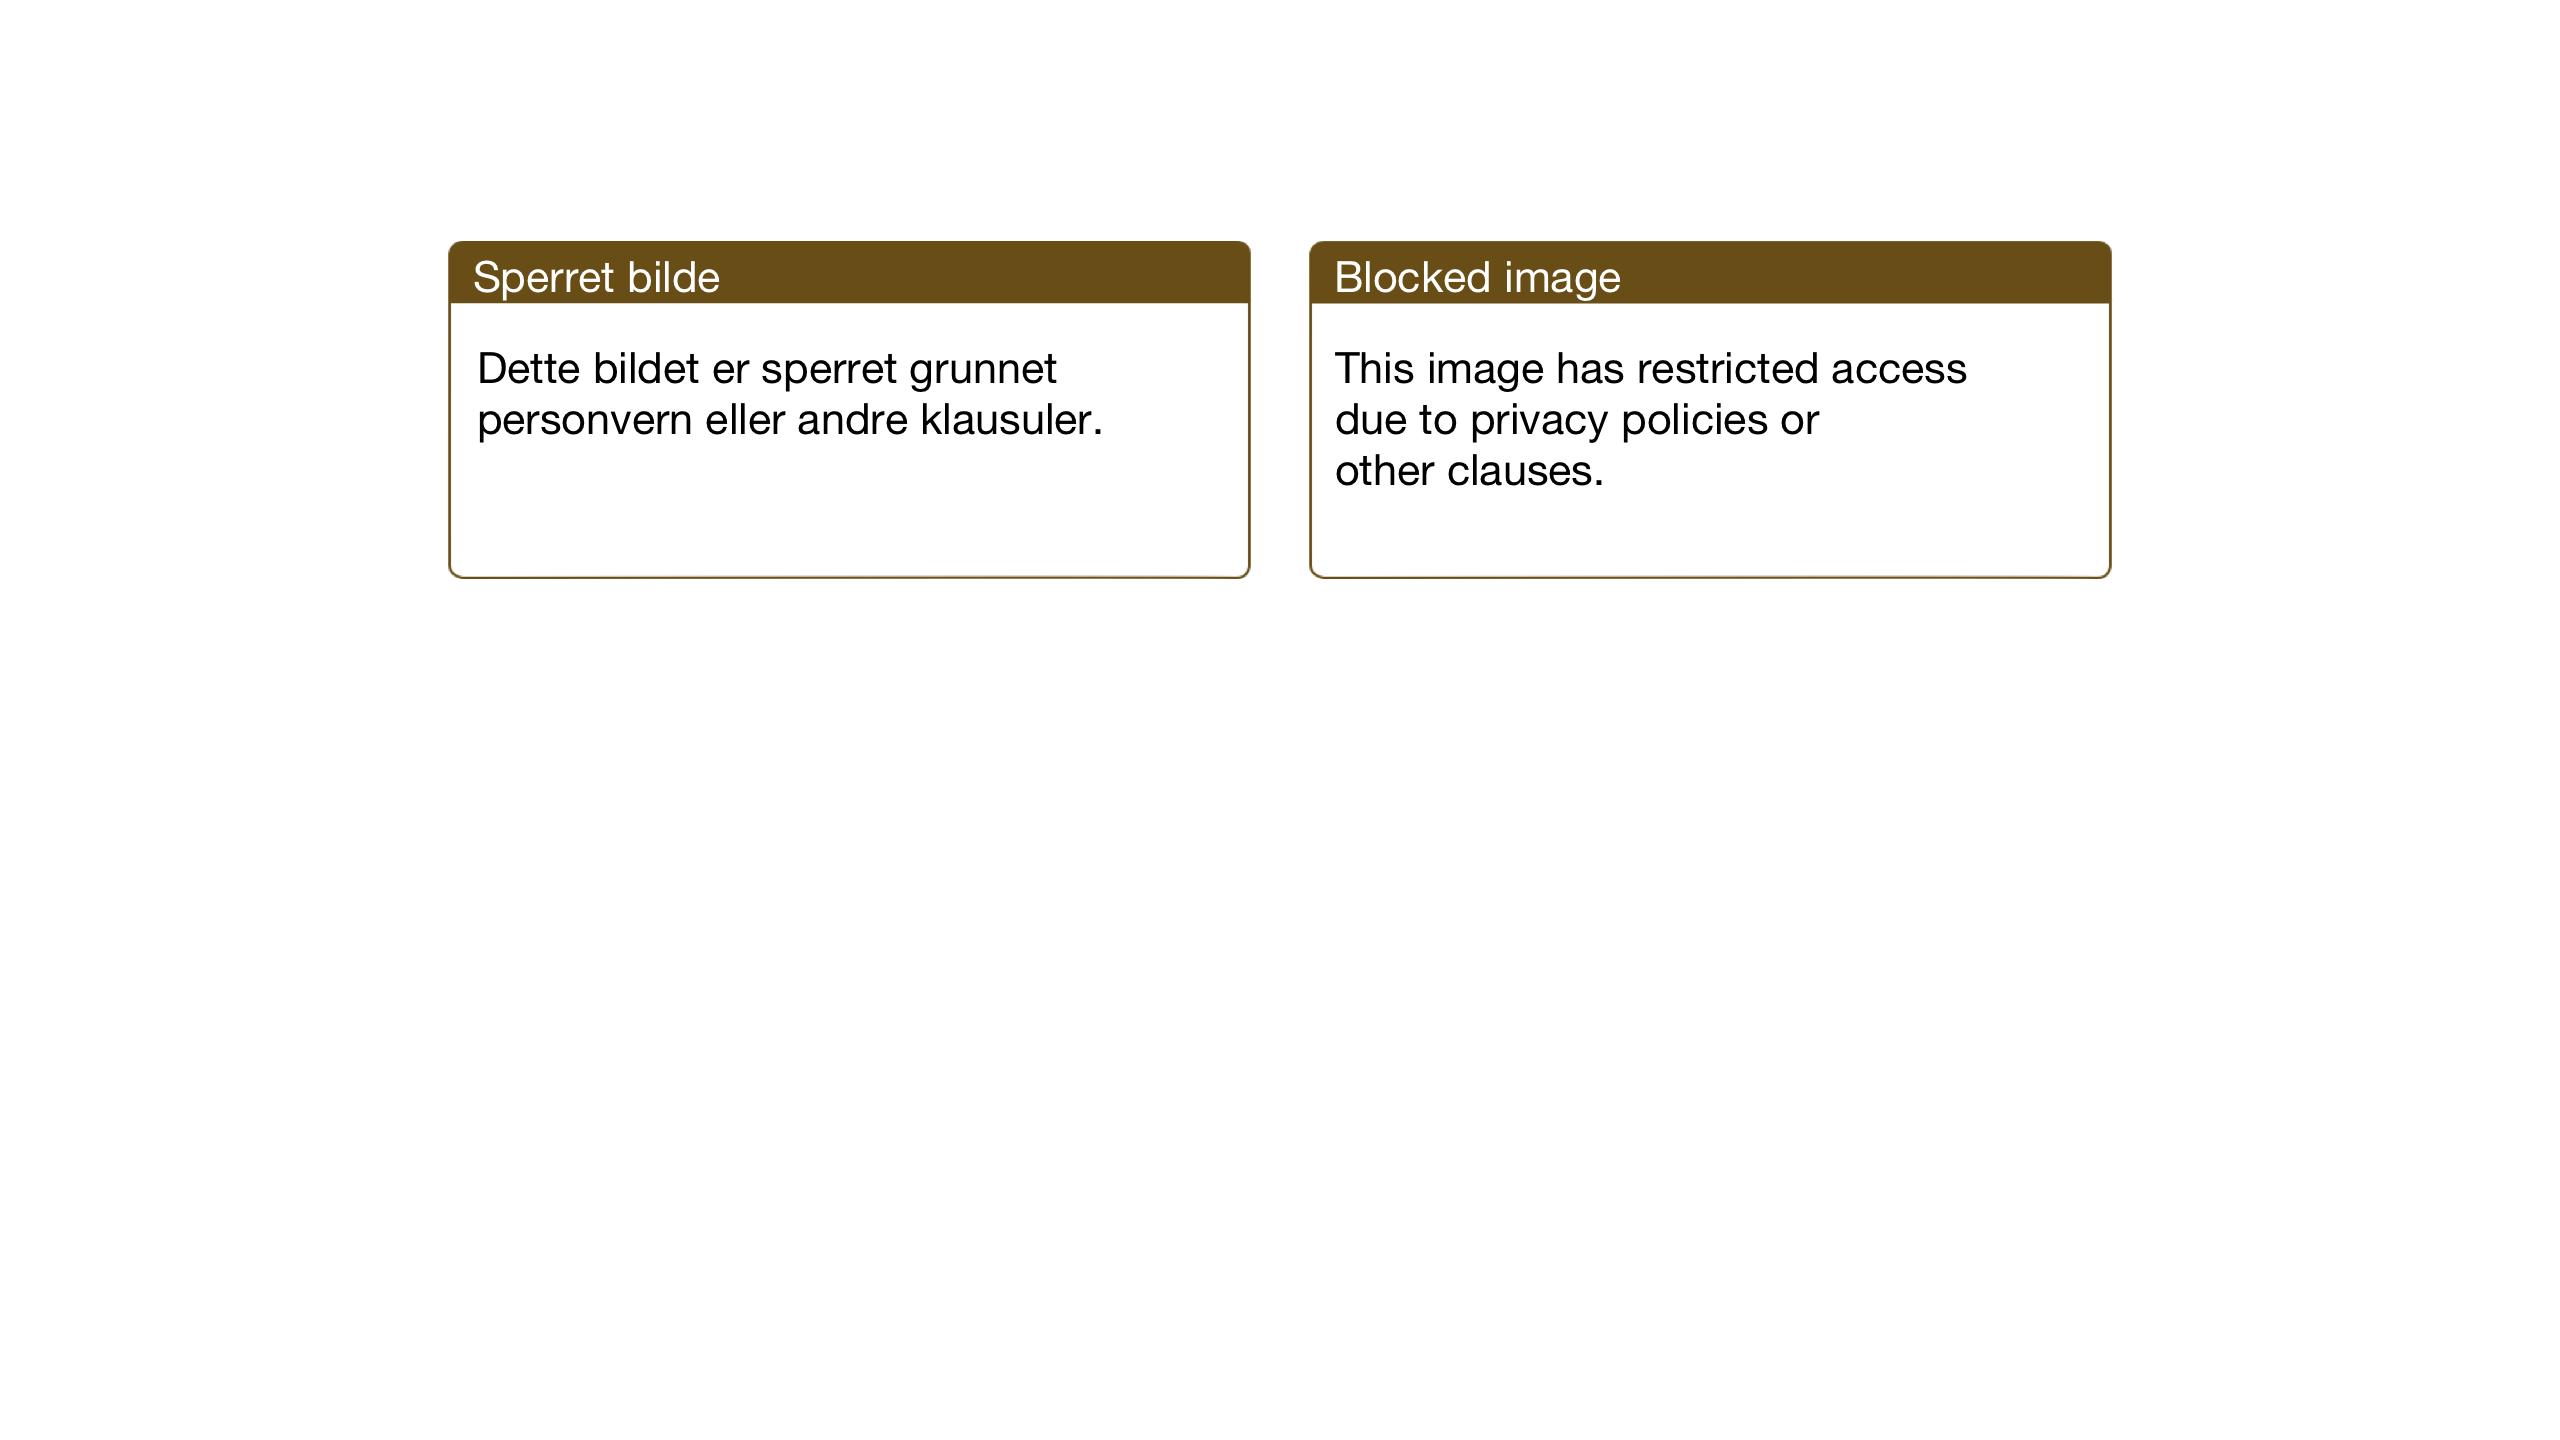 SAT, Ministerialprotokoller, klokkerbøker og fødselsregistre - Nord-Trøndelag, 740/L0384: Klokkerbok nr. 740C05, 1939-1946, s. 7